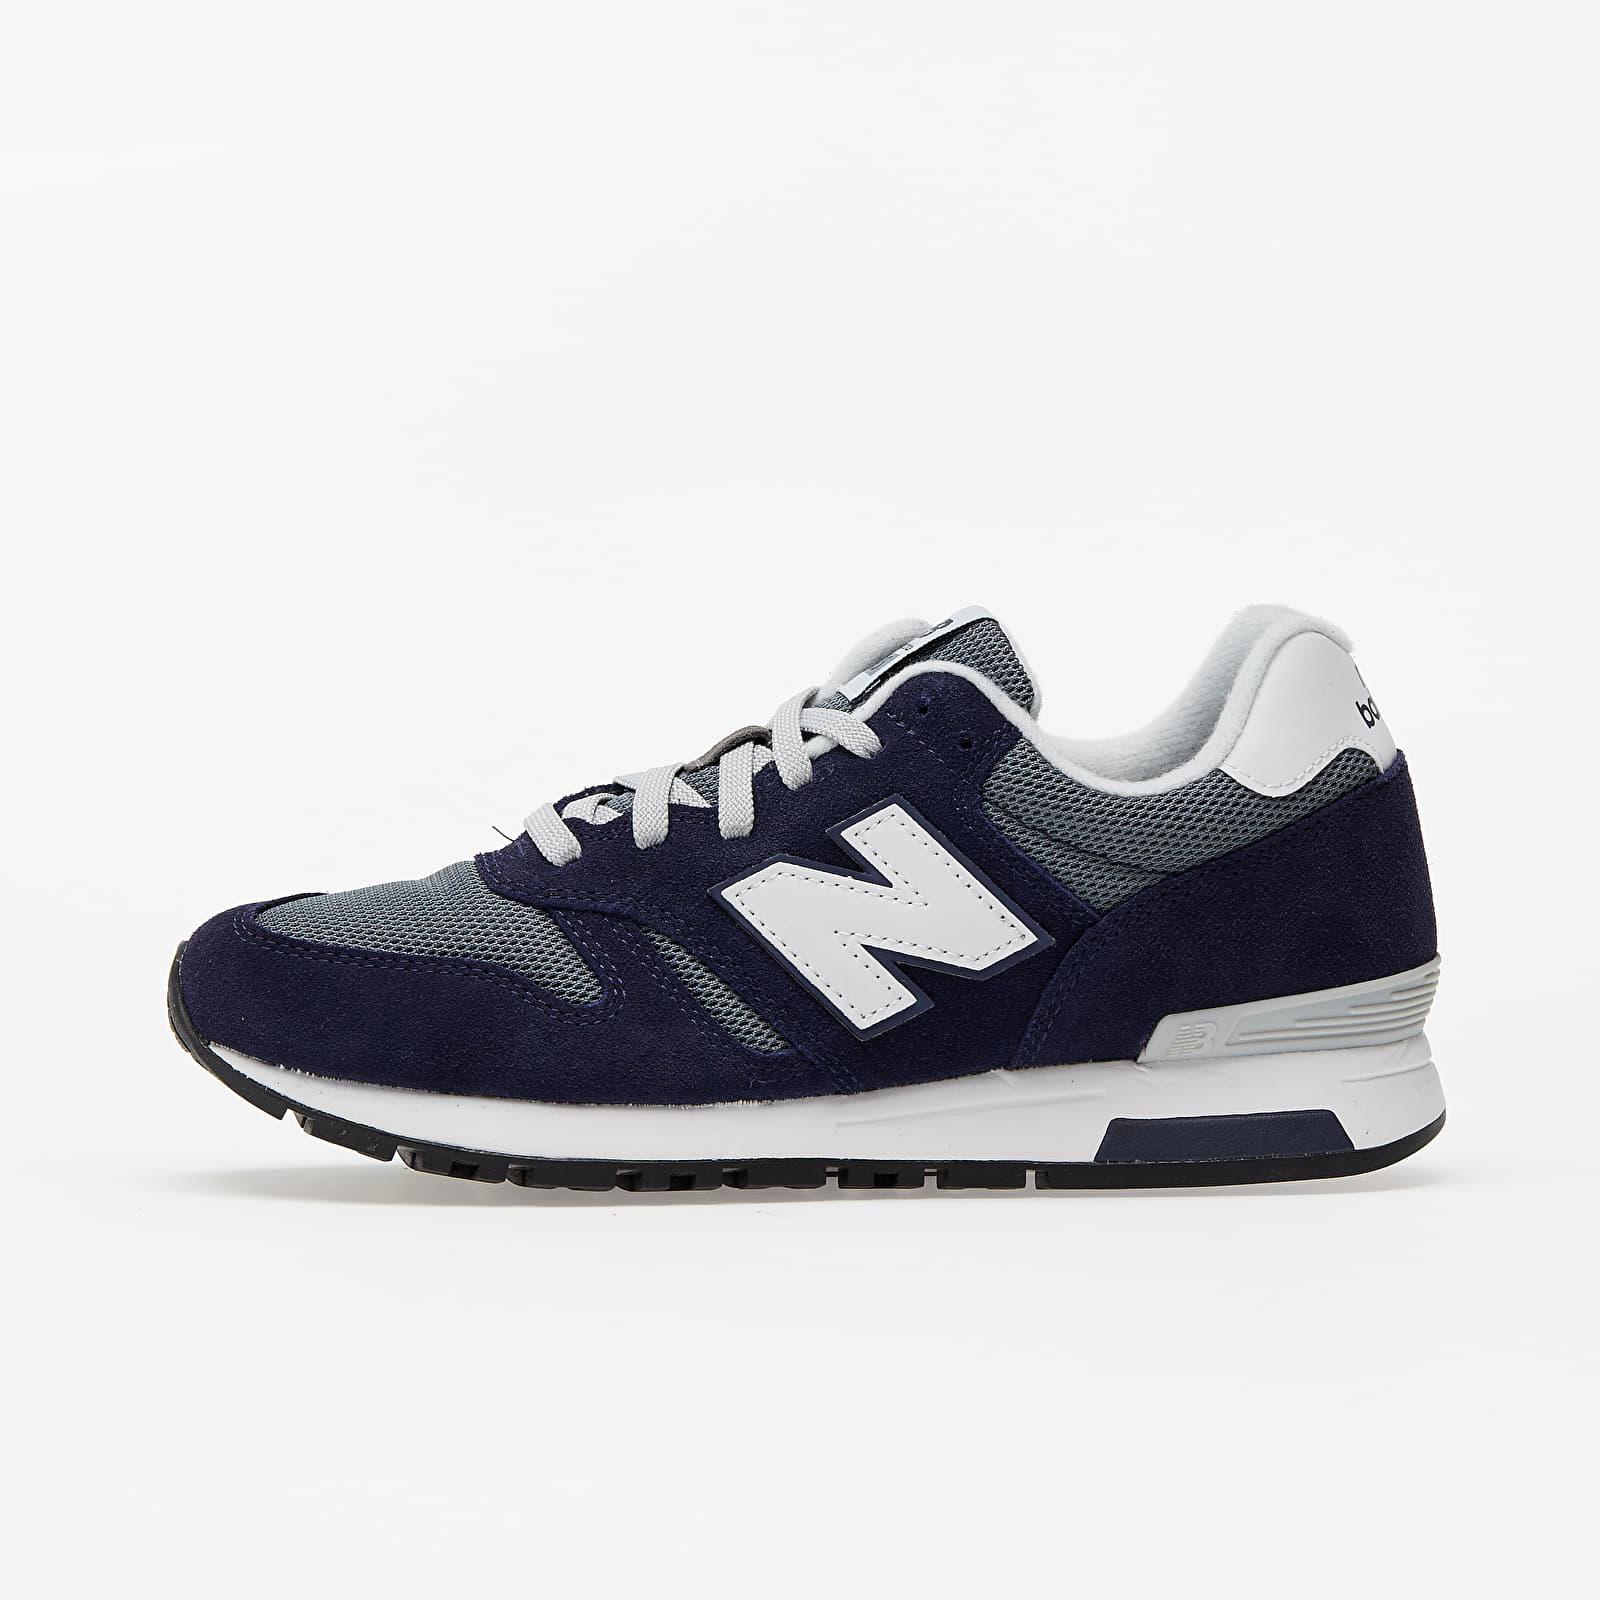 New Balance 565 Navy | Footshop